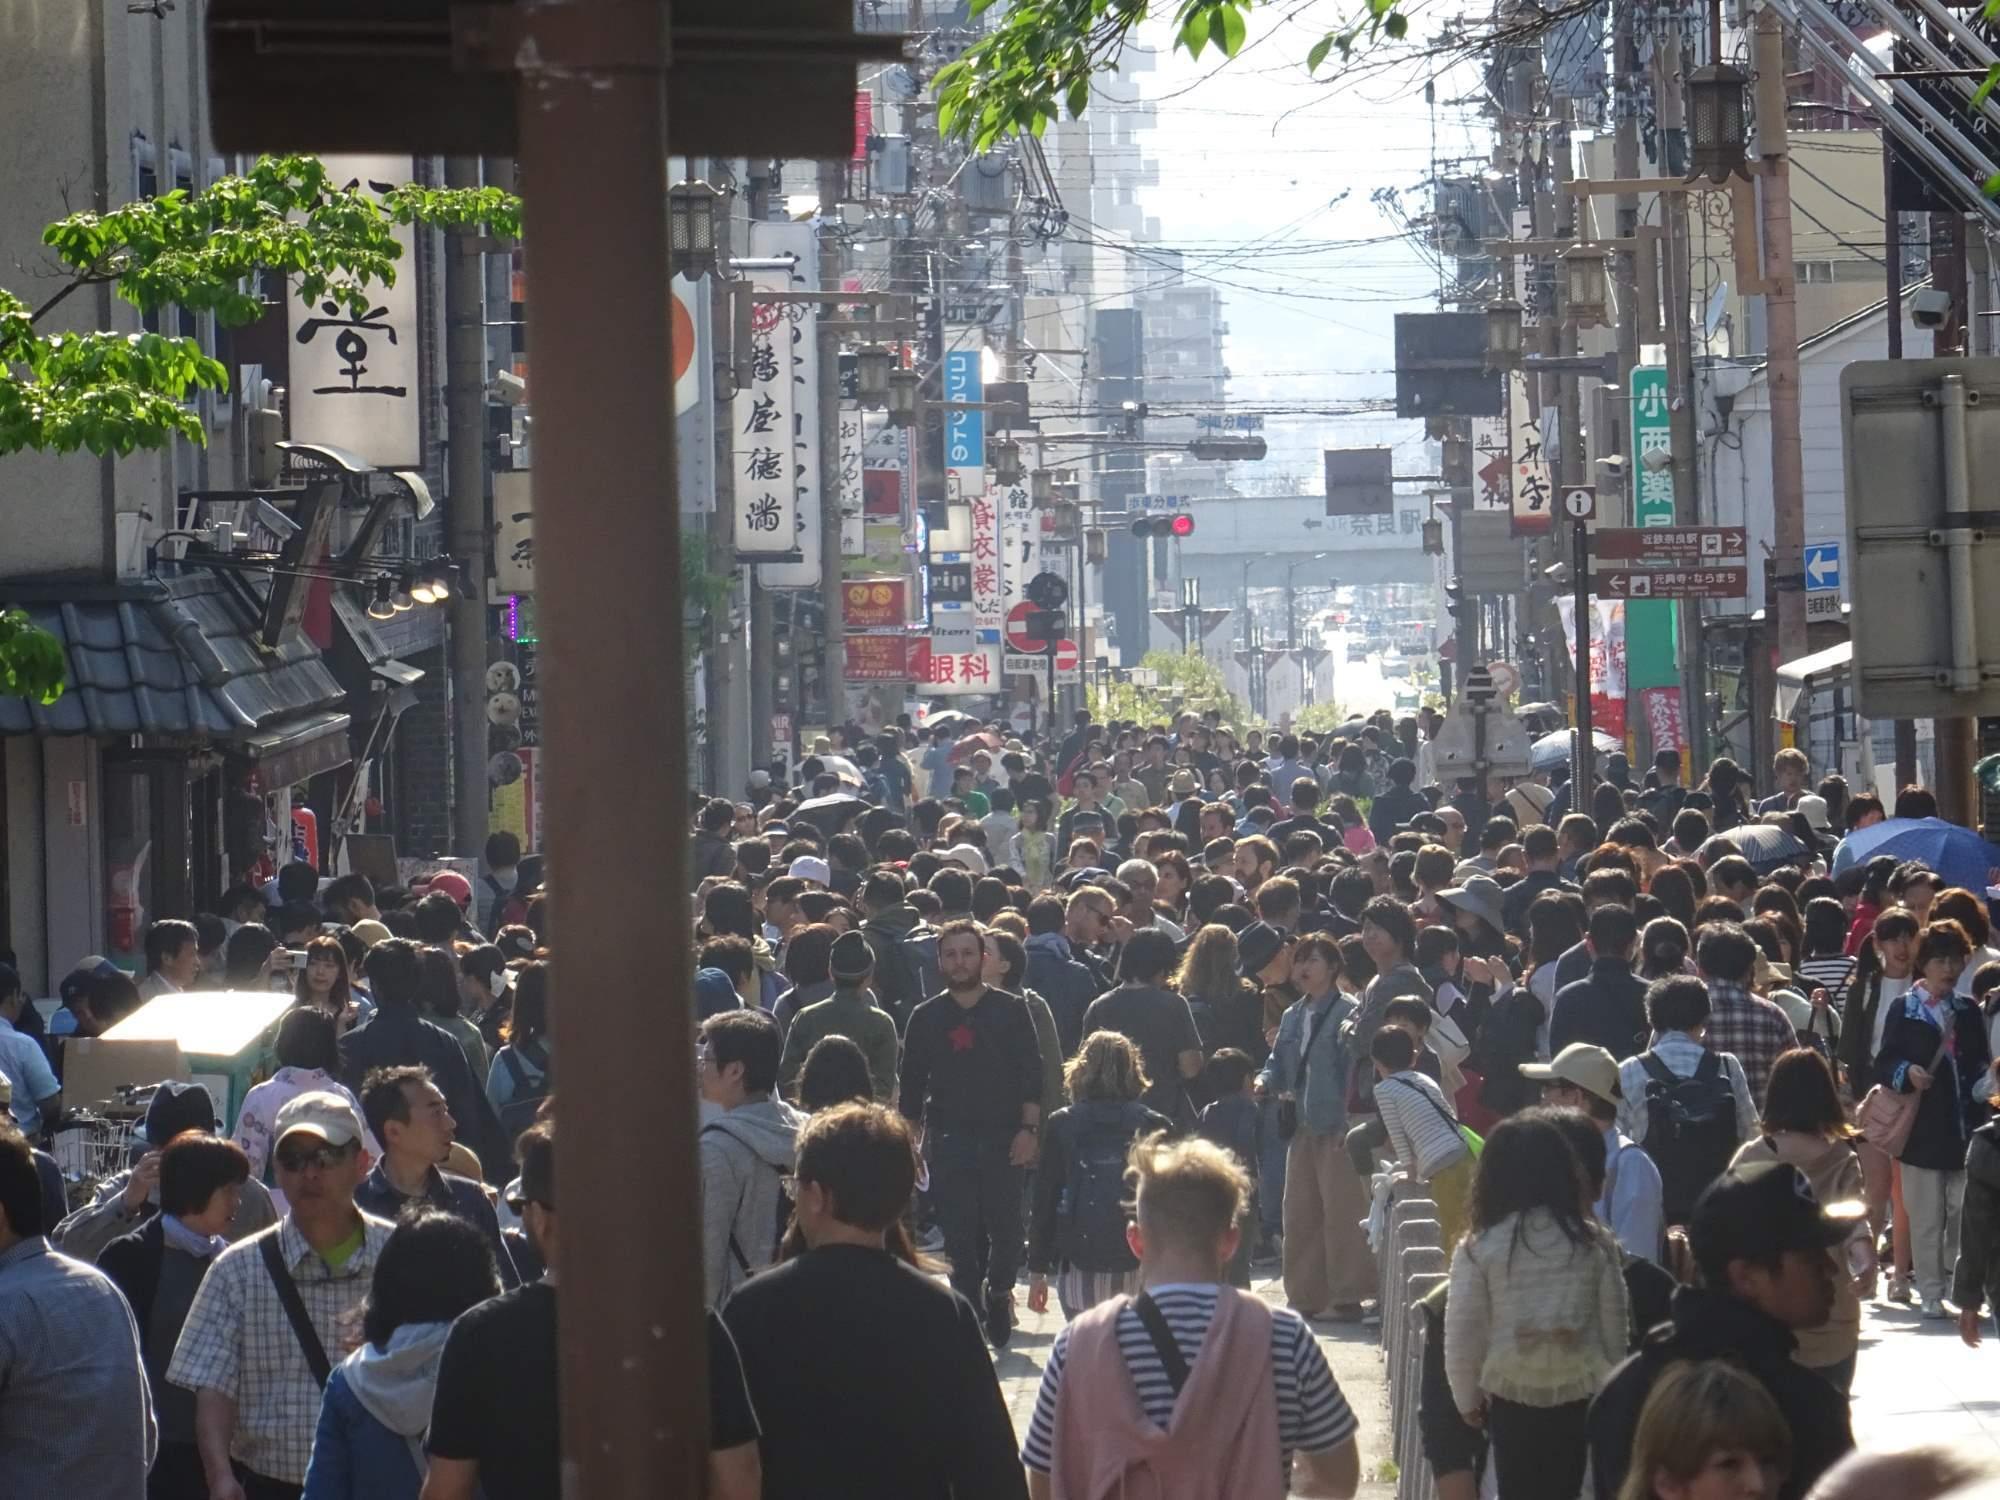 Rušná ulice během prázdninového týdne ve městě Nara. Foto: Archiv Daniela Gregera